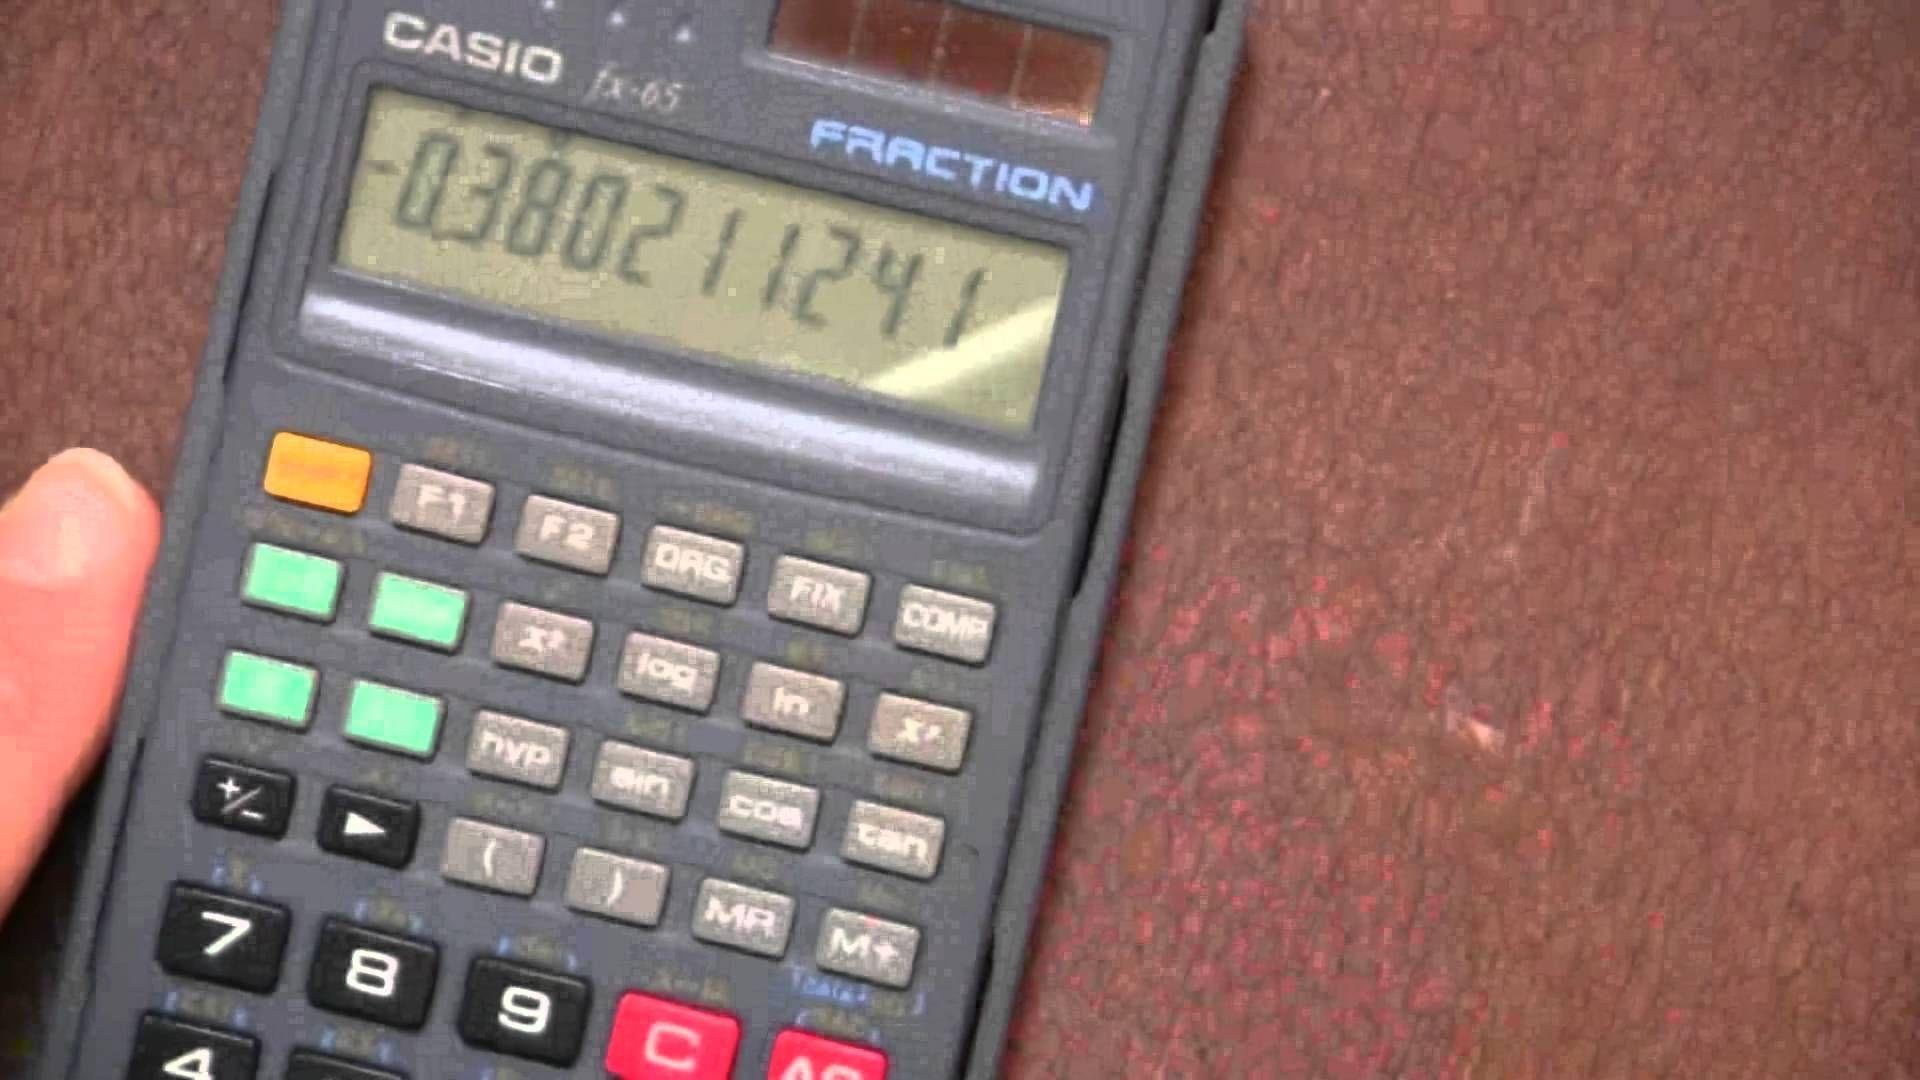 TI-83 Plus and TI-84 Plus Games for MirageOs